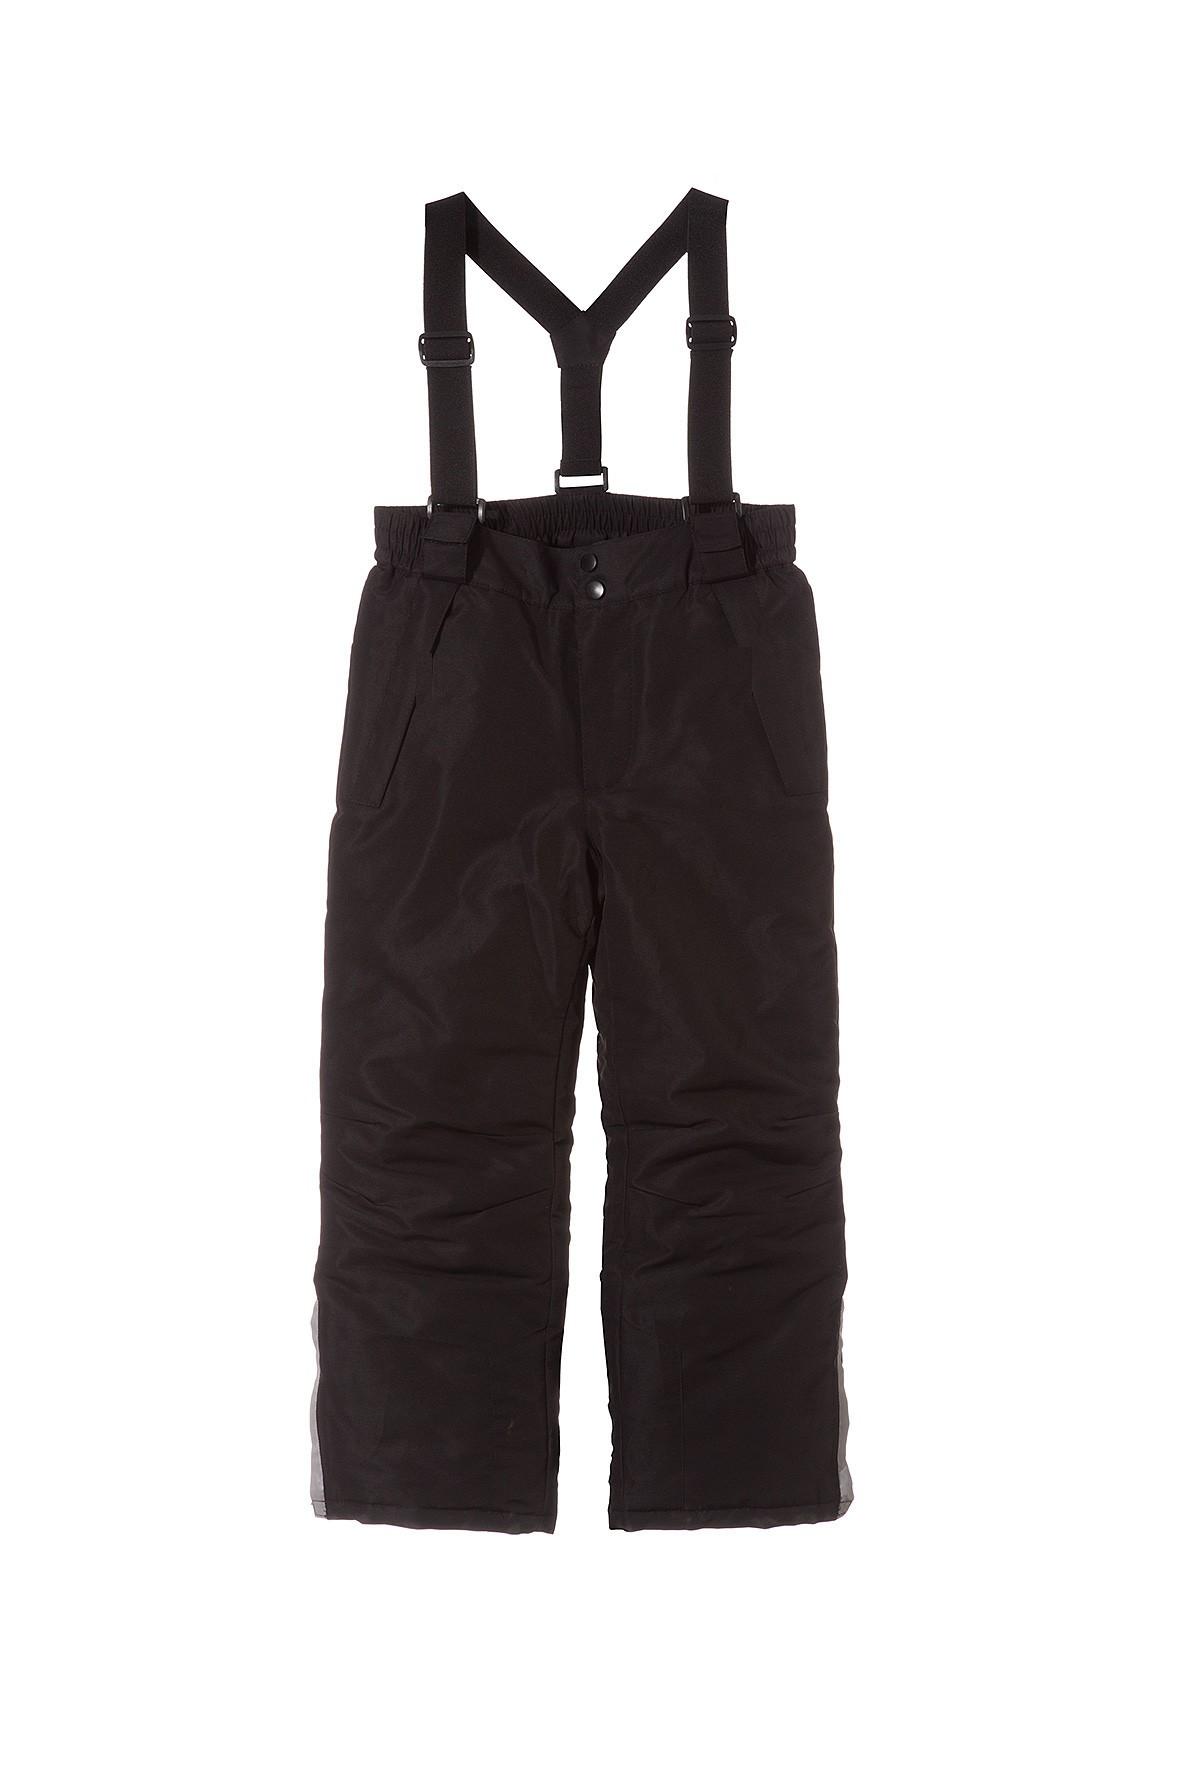 Spodnie narciarskie chłopięce- czarne z elementami odblaskowymi